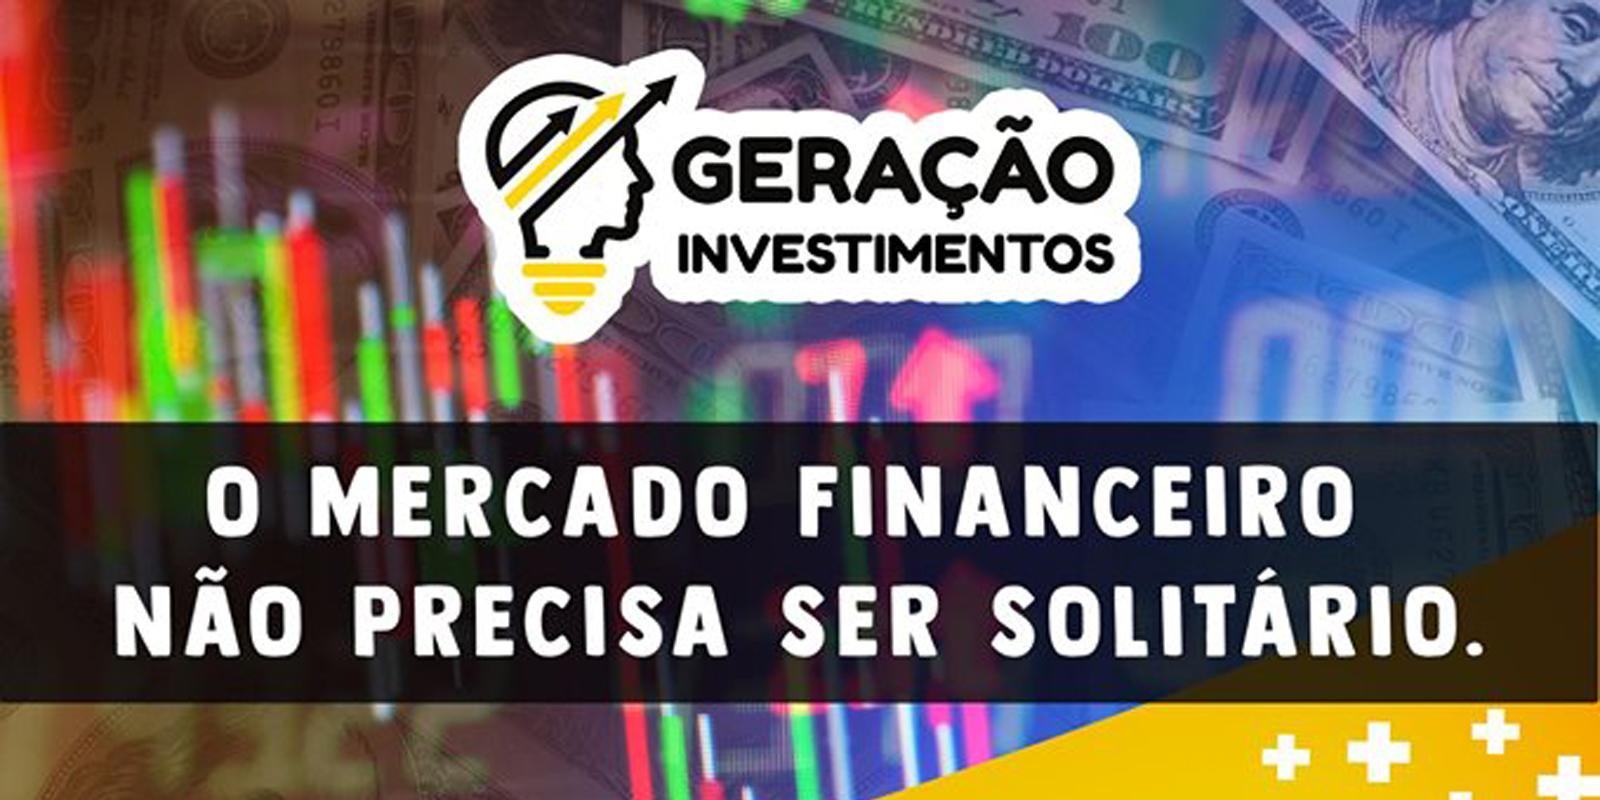 Escola Geração Investimentos realiza palestra sobre mercado financeiro